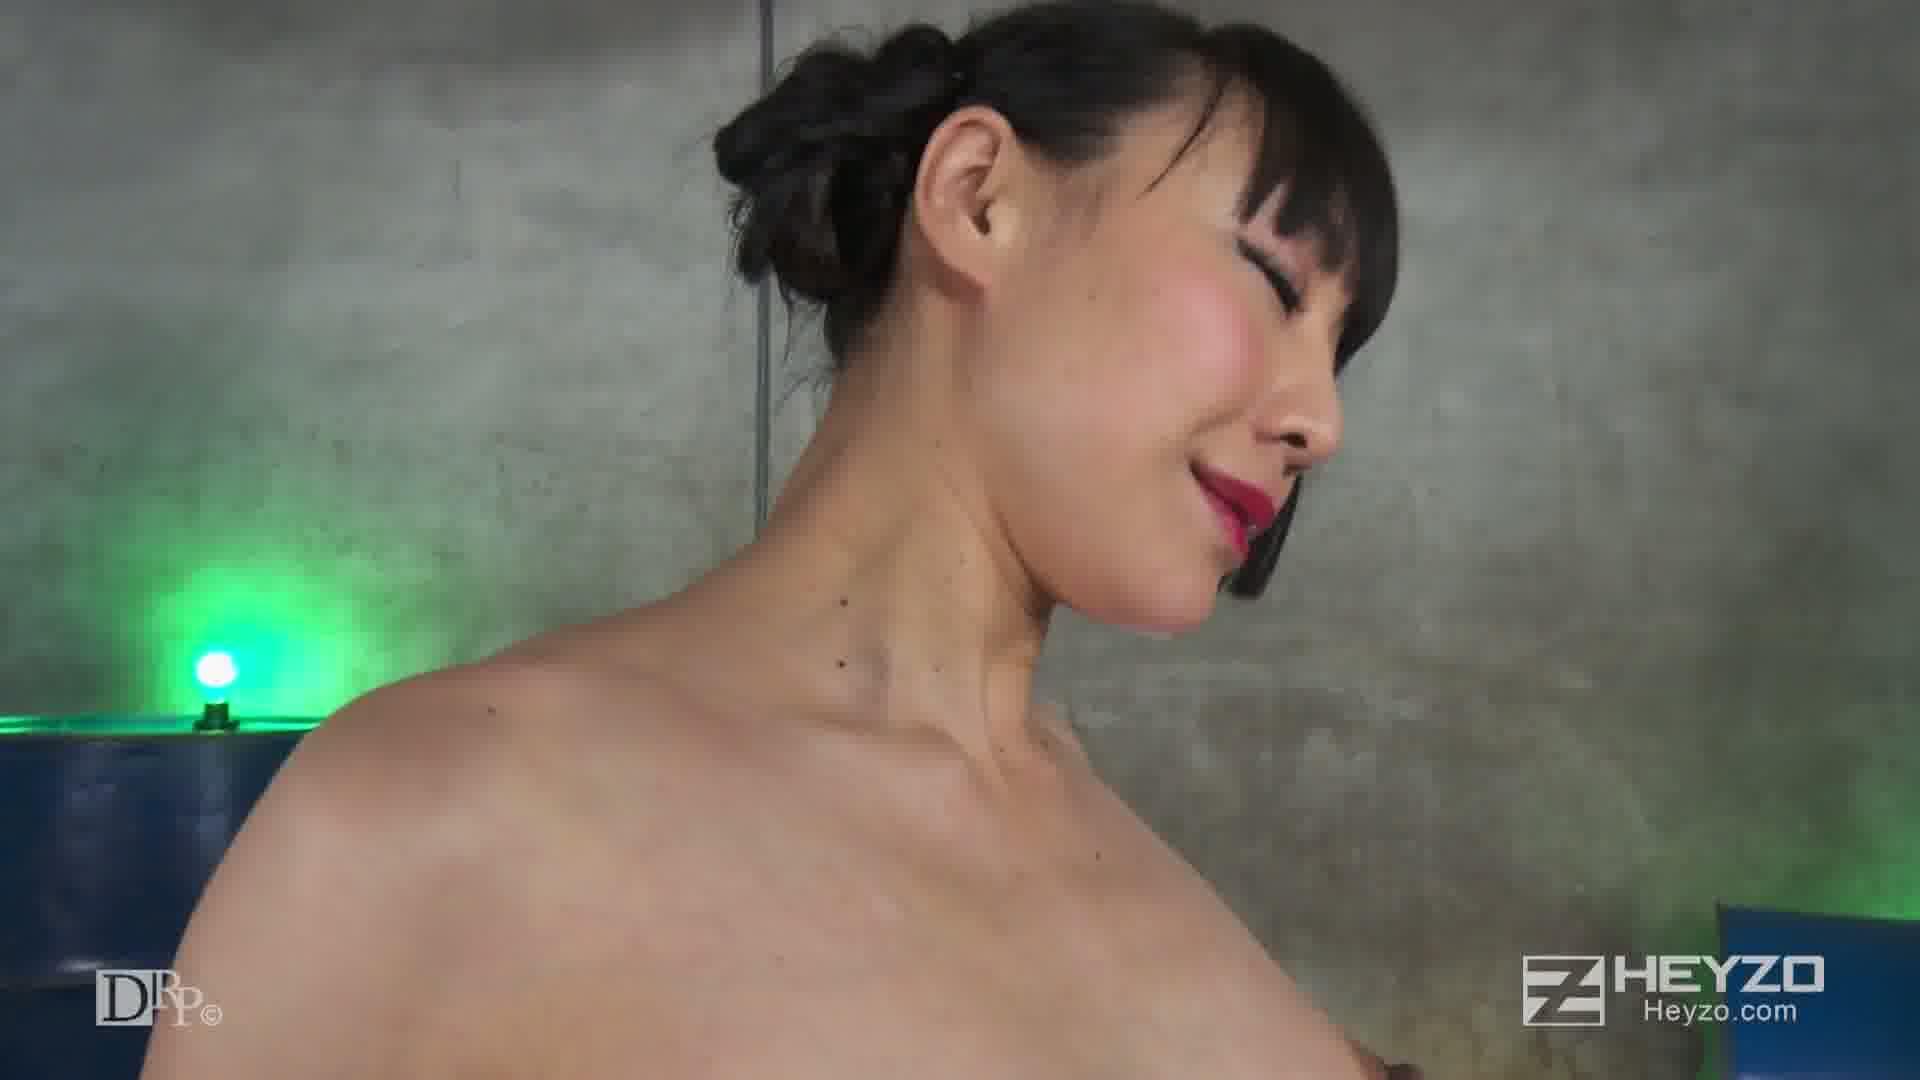 秘密倶楽部の裏ストリップショー - 若林美保【縛り オナニー】